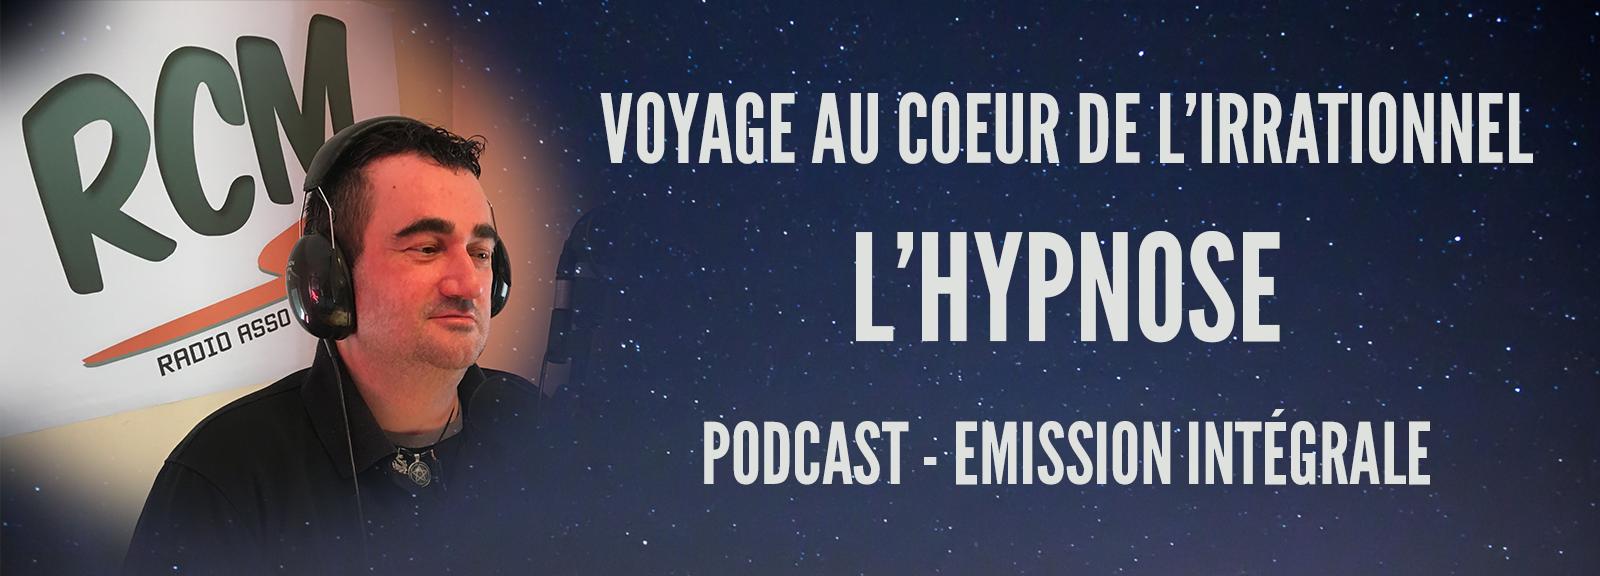 Podcast : Voyage au coeur de l'hypnose